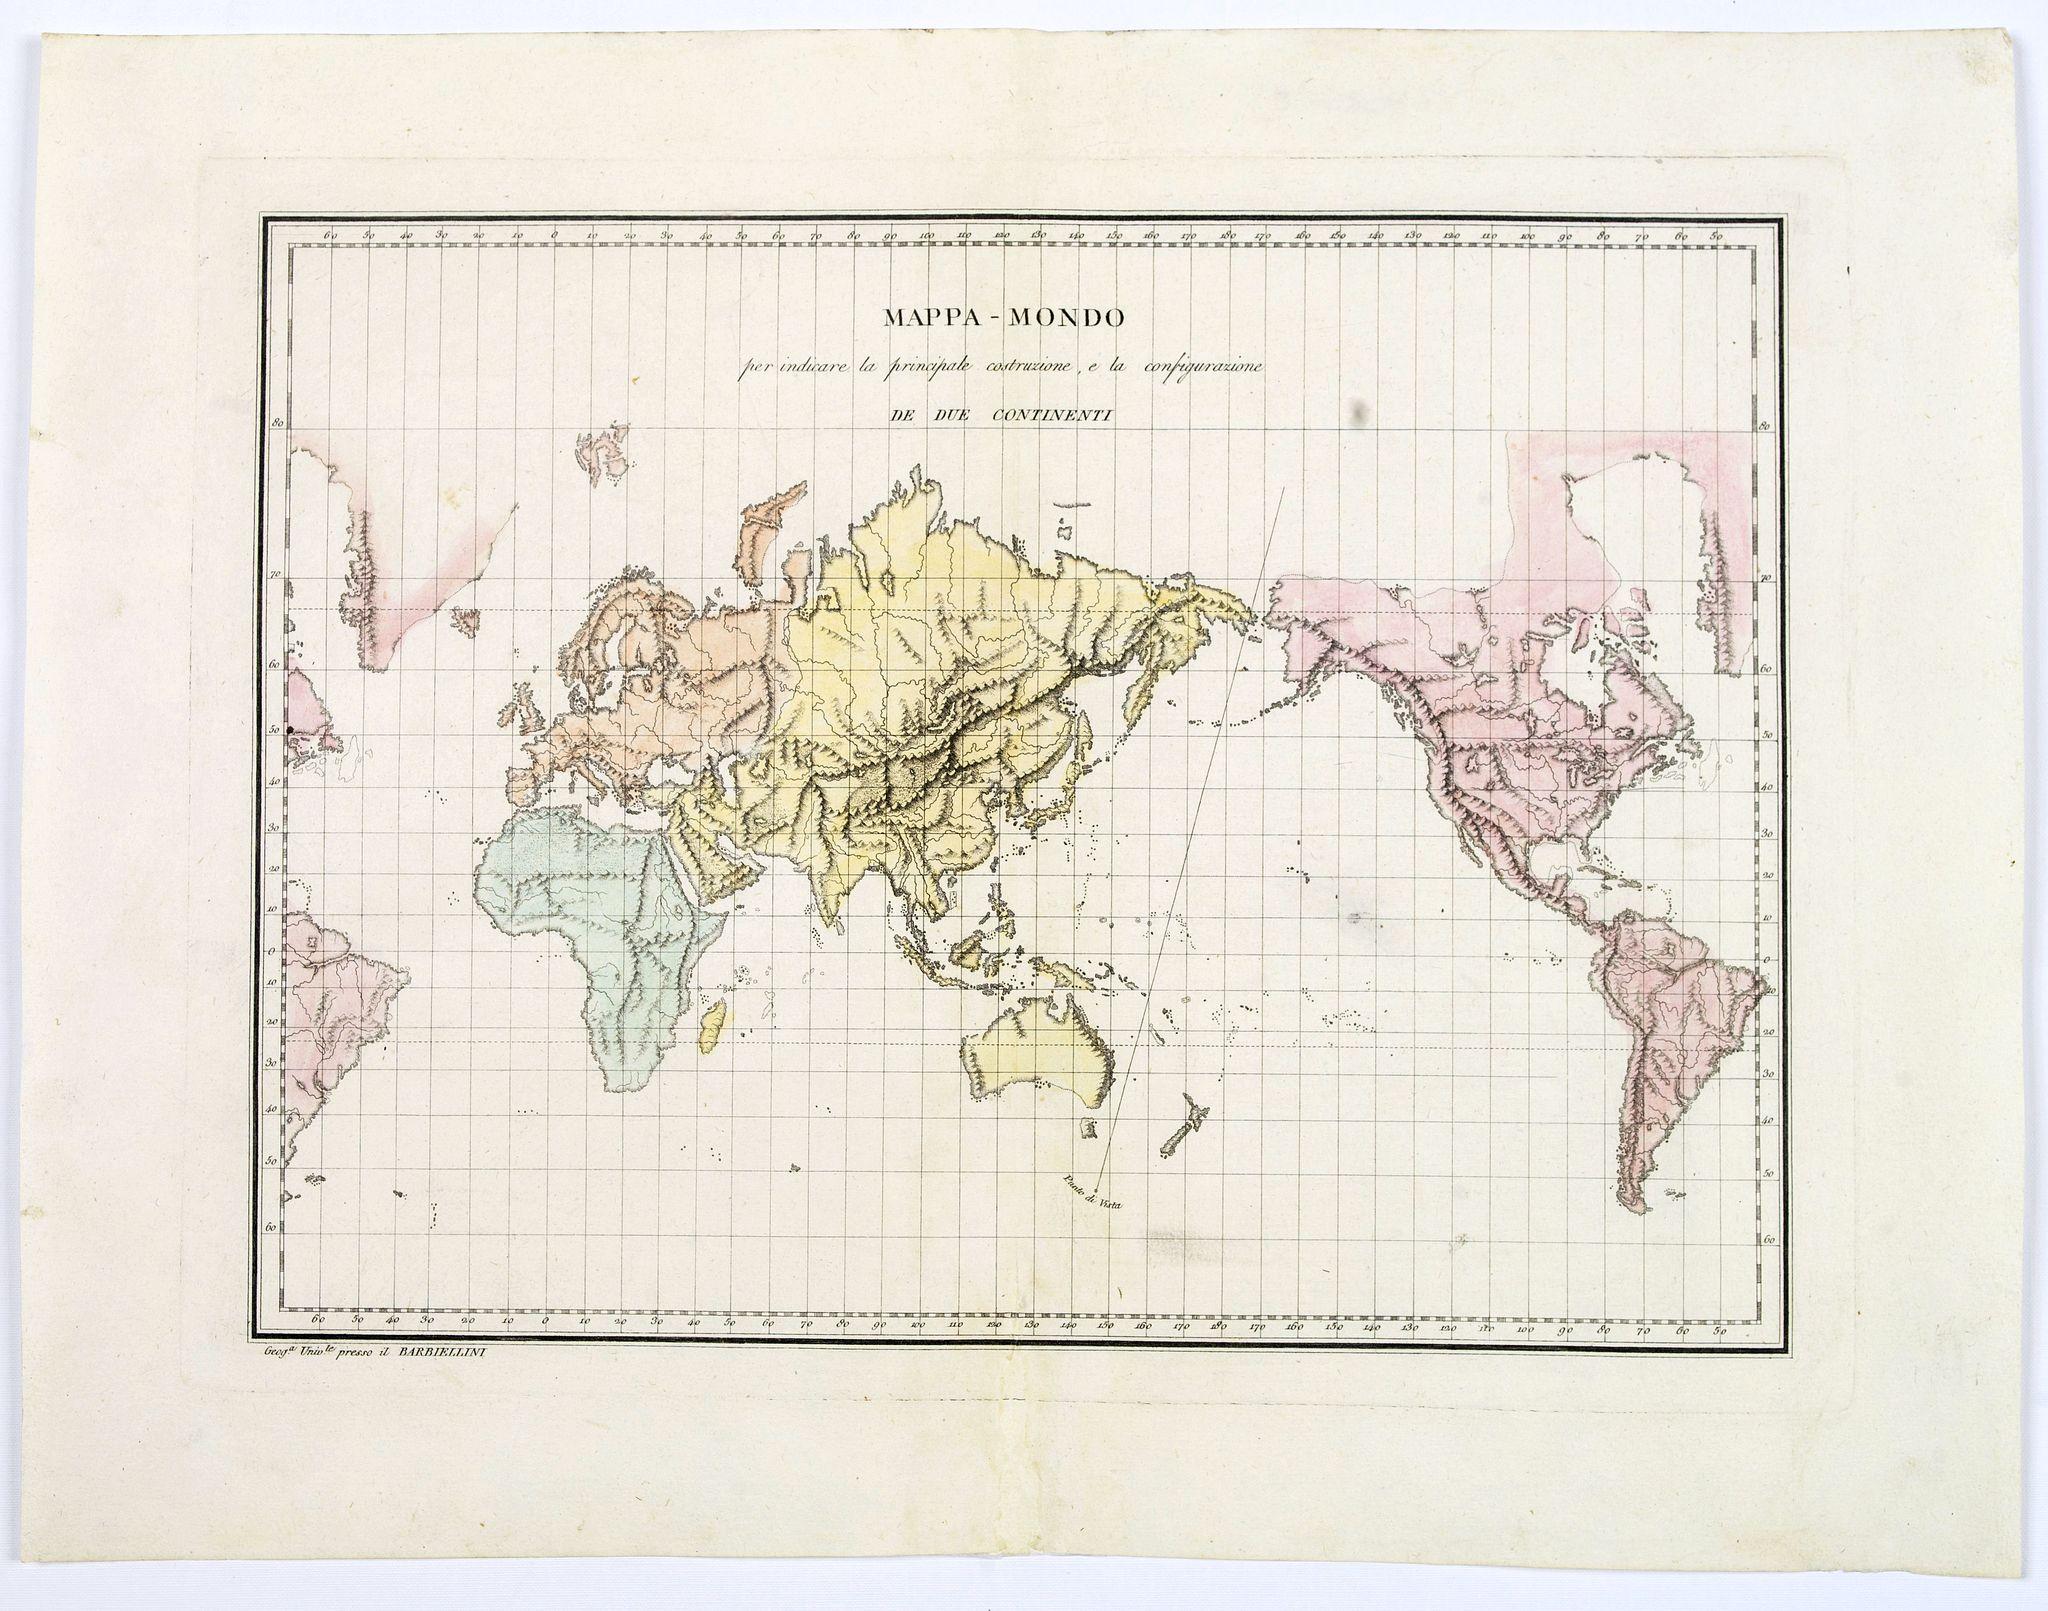 BARBIELLINI, C.A. - Mappa-Mondo per indicare la principale costruzione, e la configurazione de Due Continenti.